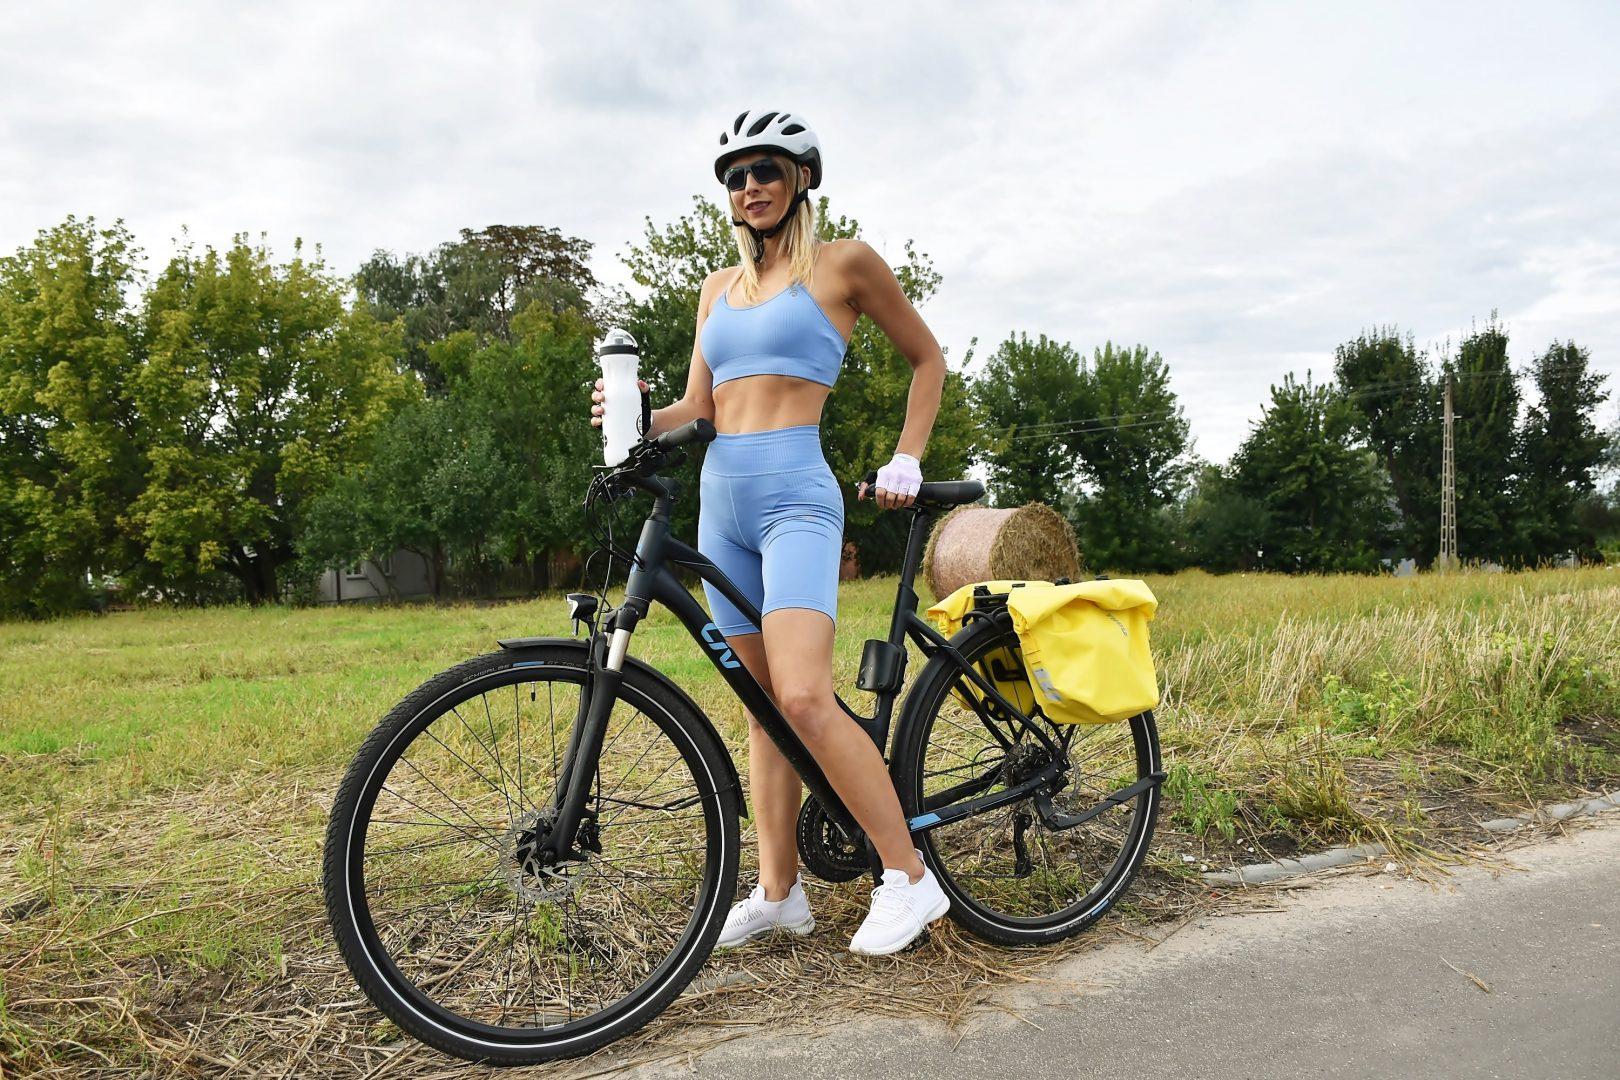 przydatne akcesoria do roweru